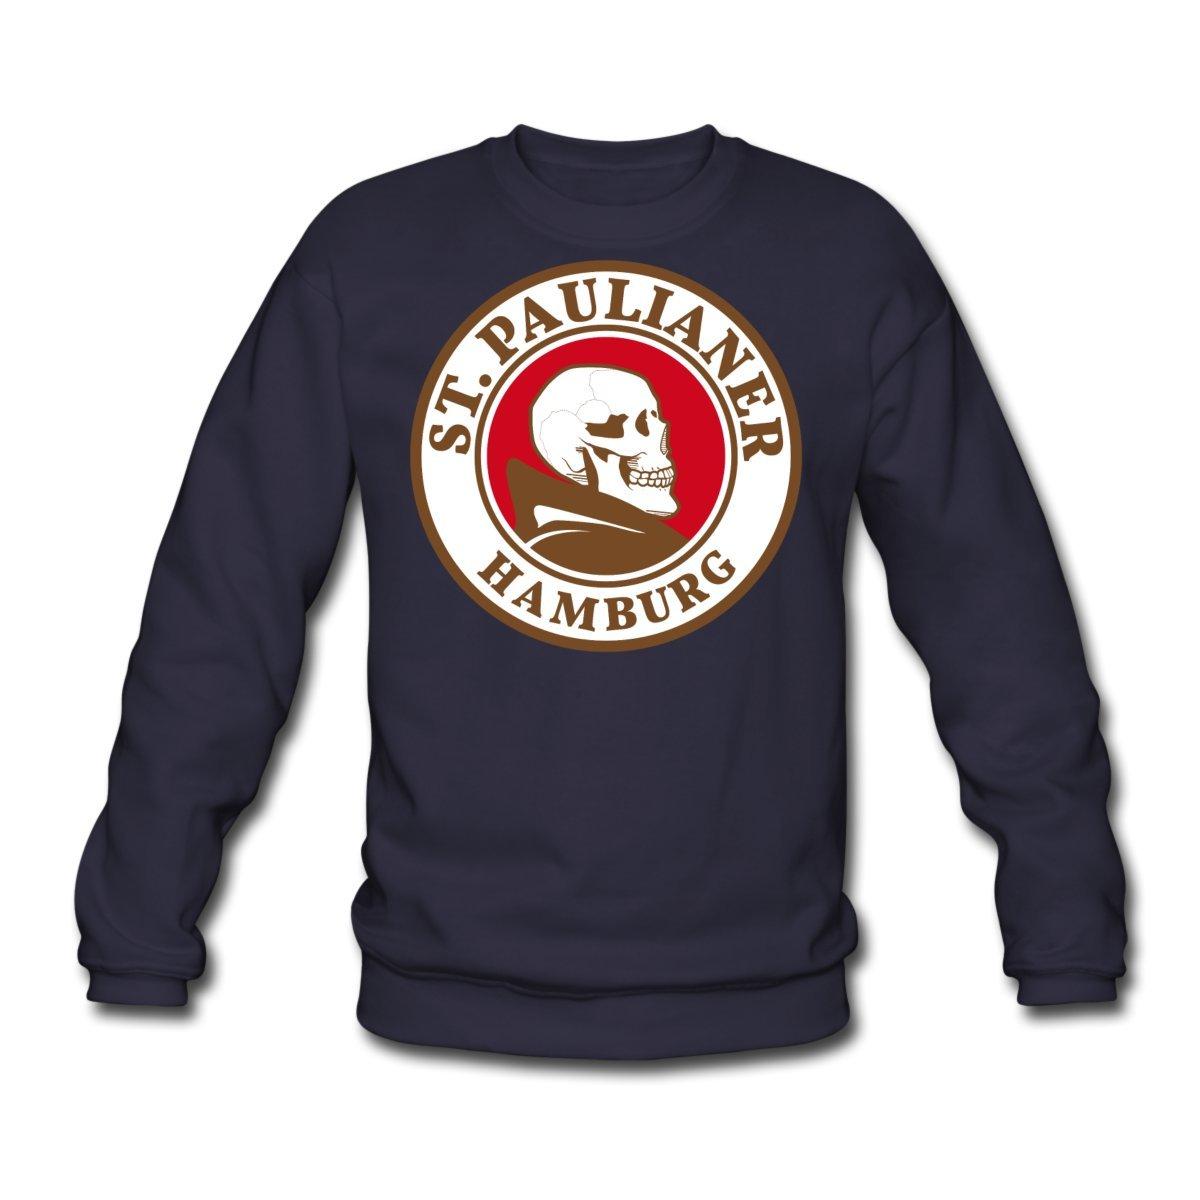 Spreadshirt St. Paulianer Totenkopf Mönch Männer Pullover S205909-A19540285-1